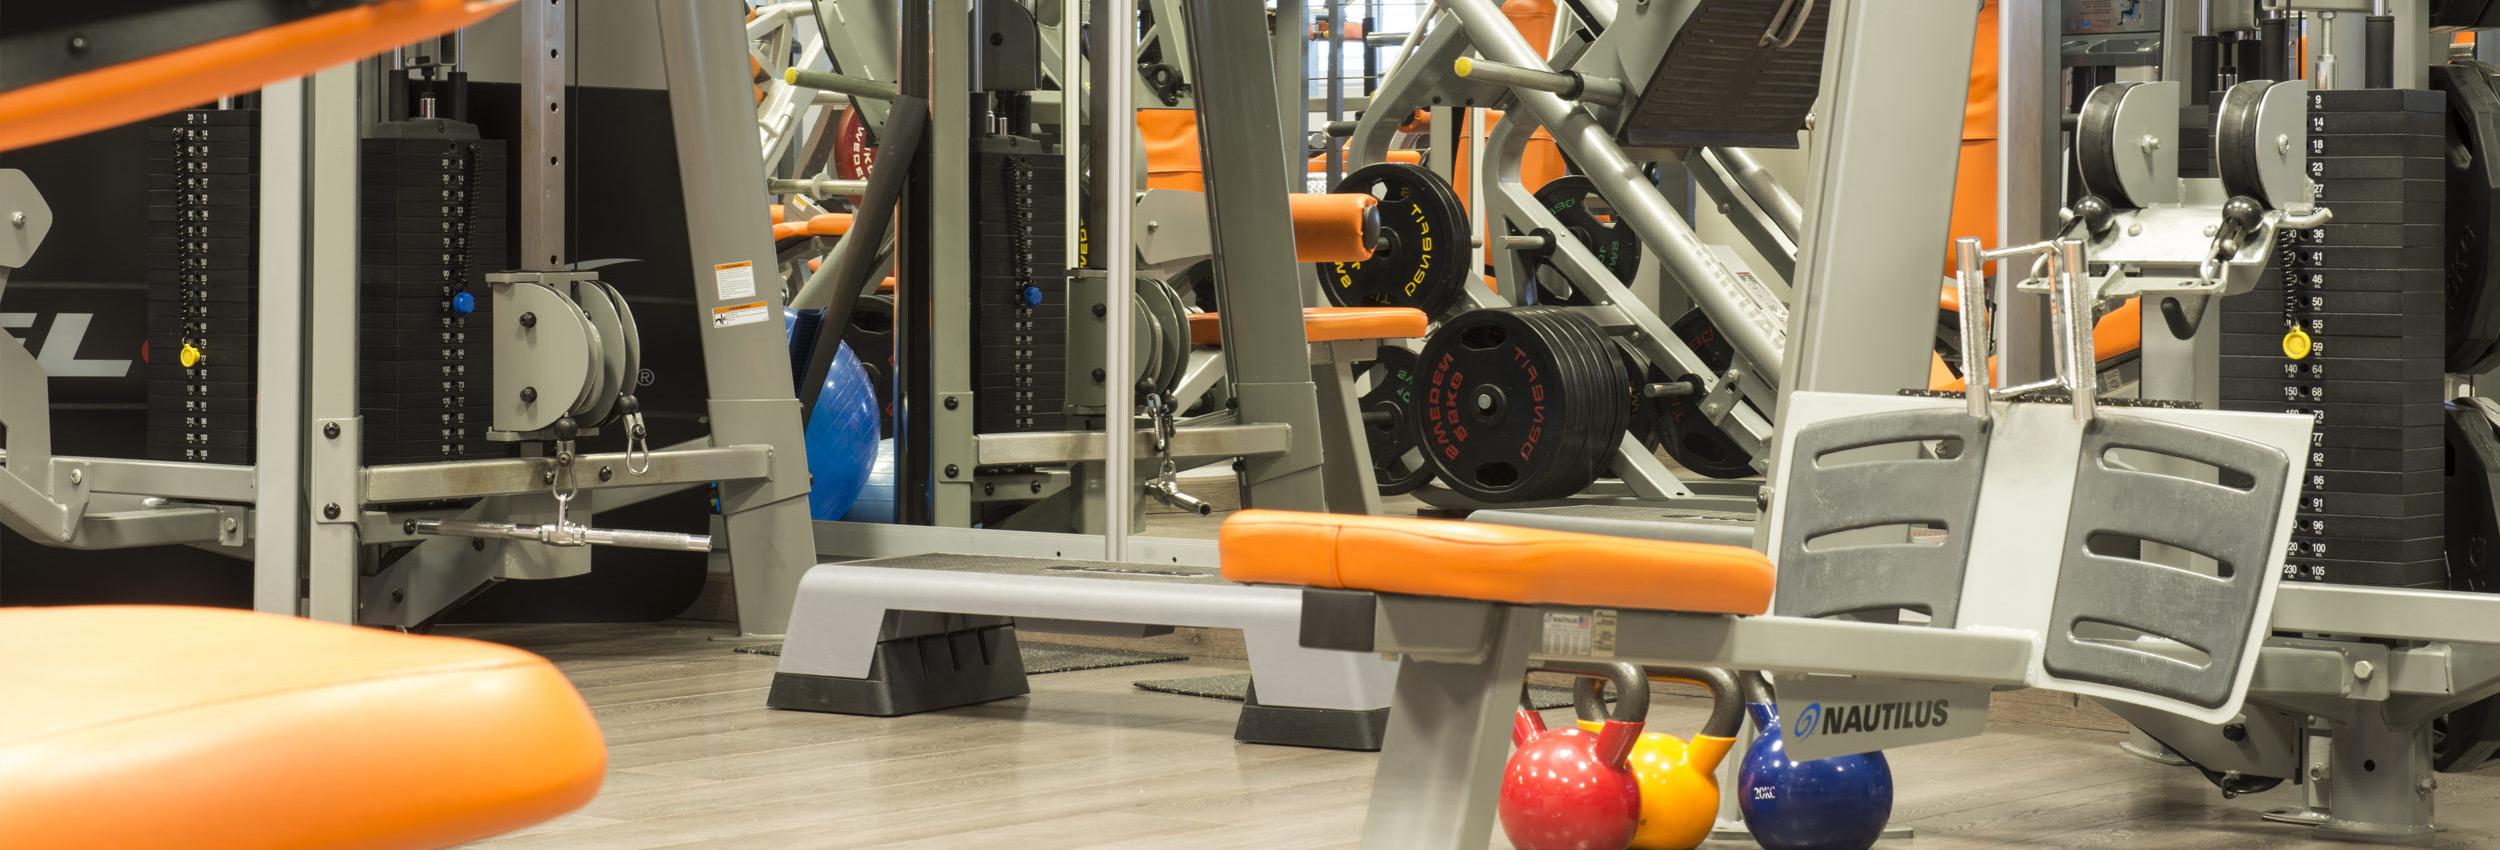 Fitness centrum Vranov nad Topľou, Fitness a telocvičňa, Najlepšie fitness Vranov, Najväčšie fitness Vranov, Hotel Patriot*** Vranov